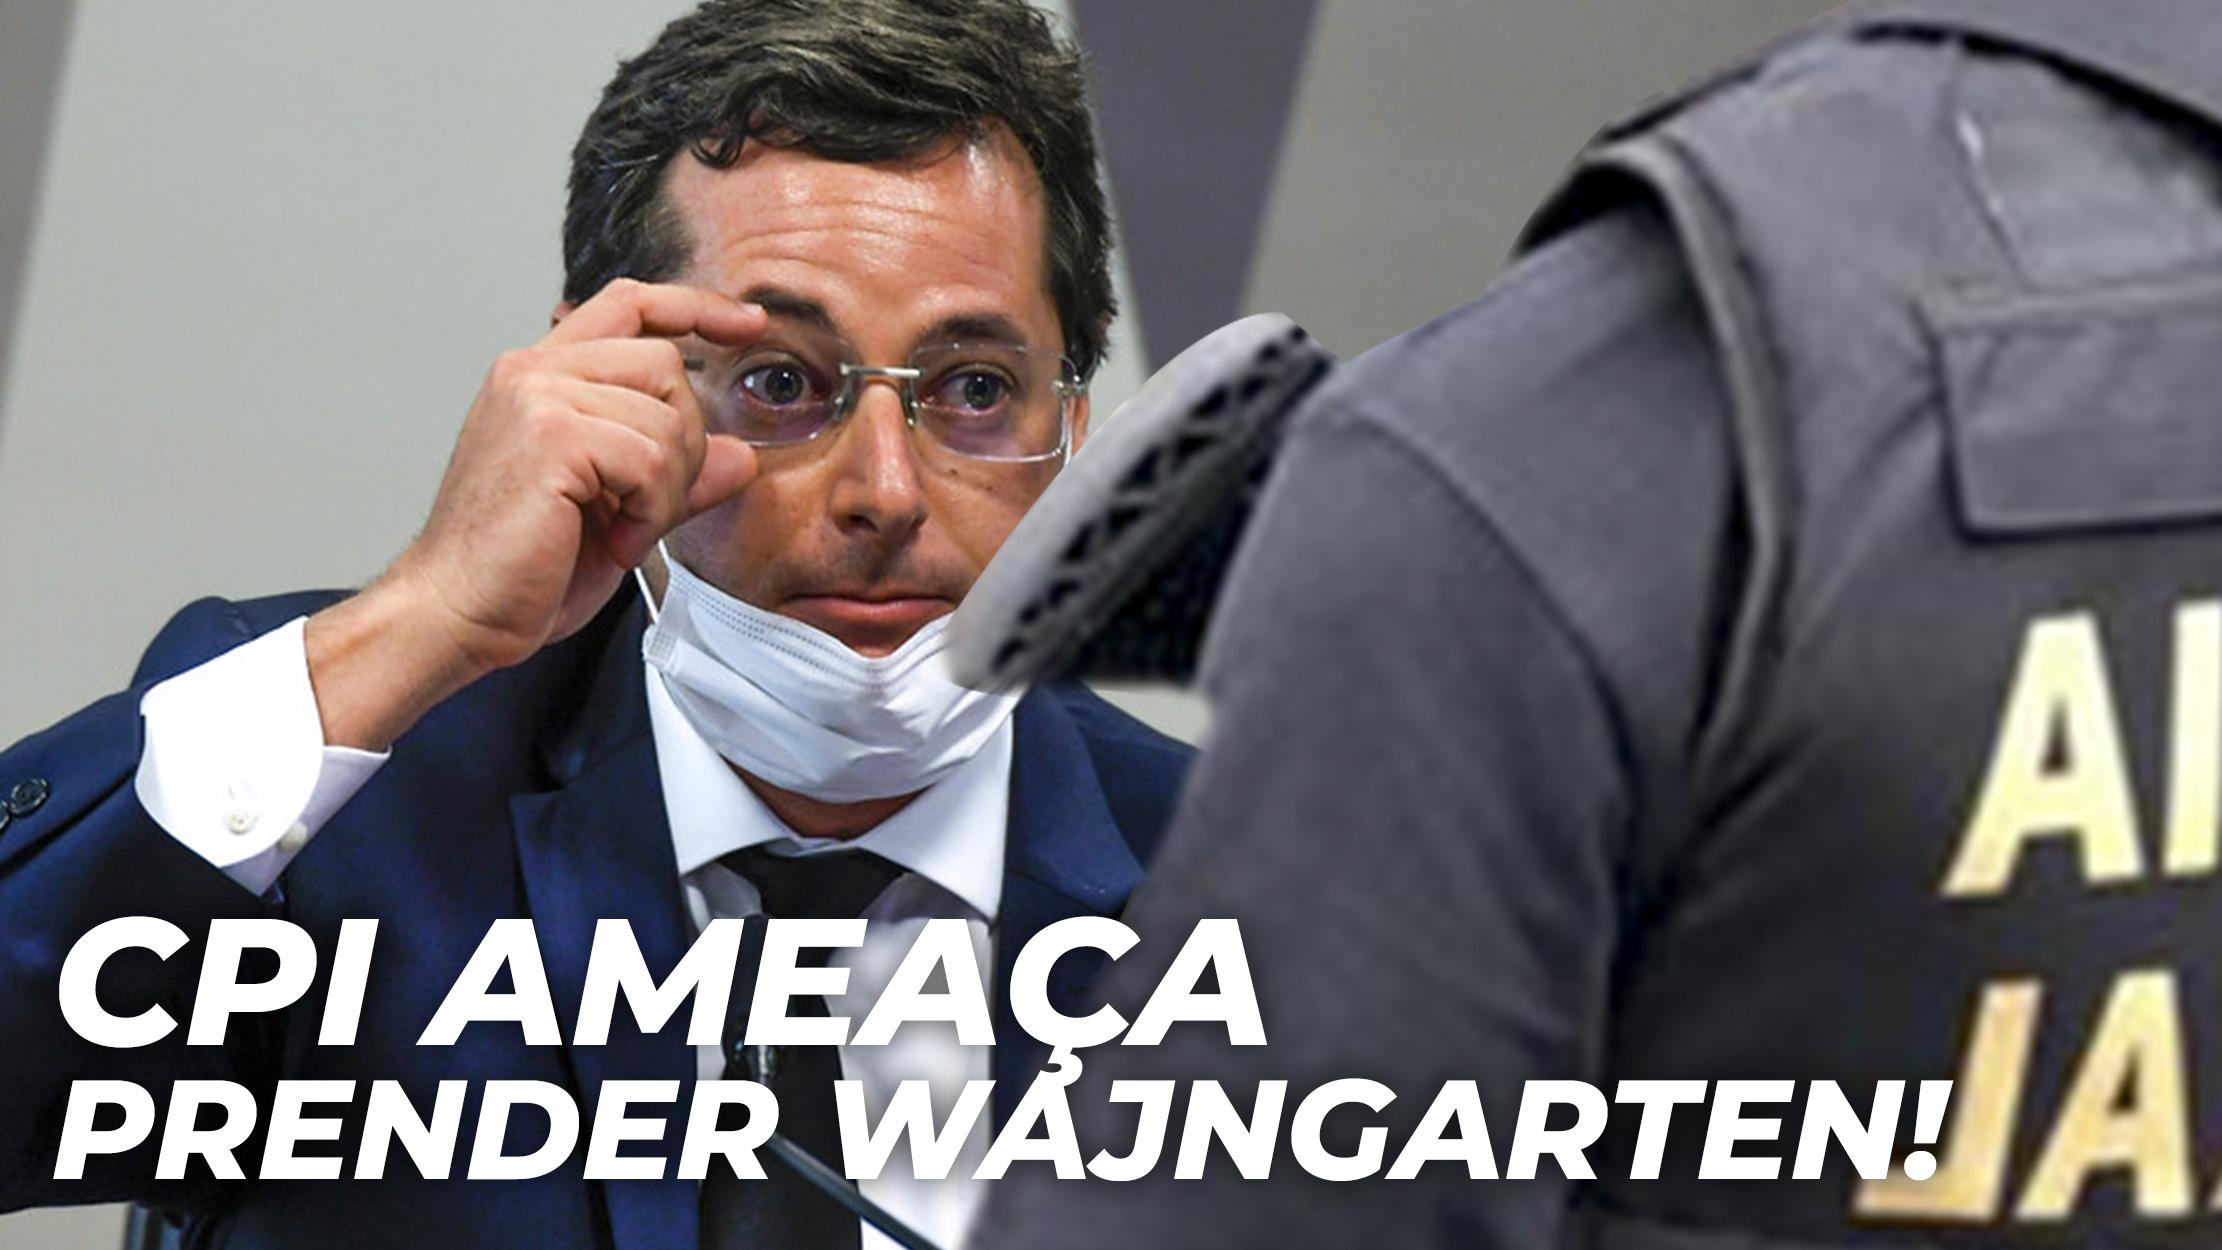 URGENTE: SENADORES QUEREM PRENDER WAJNGARTEN NA CPI